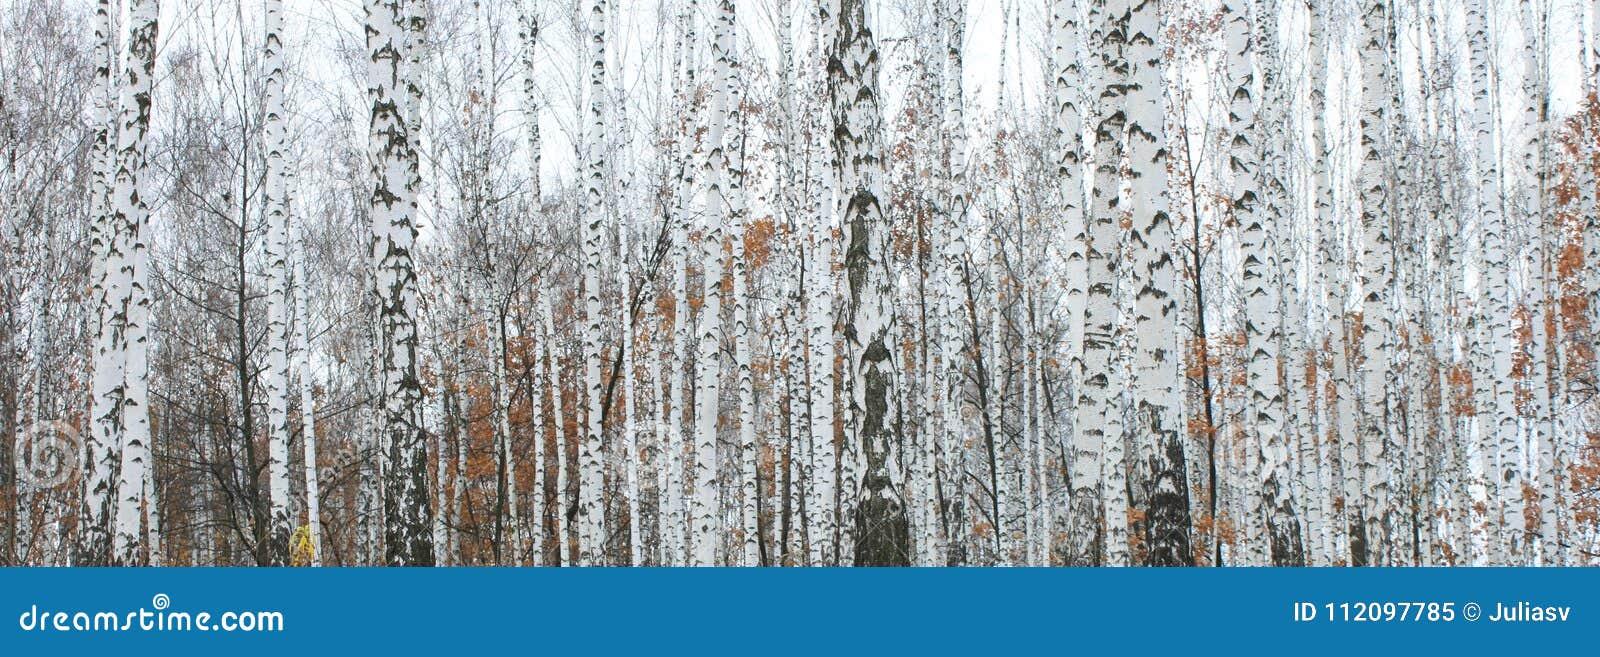 Floresta do vidoeiro em outubro